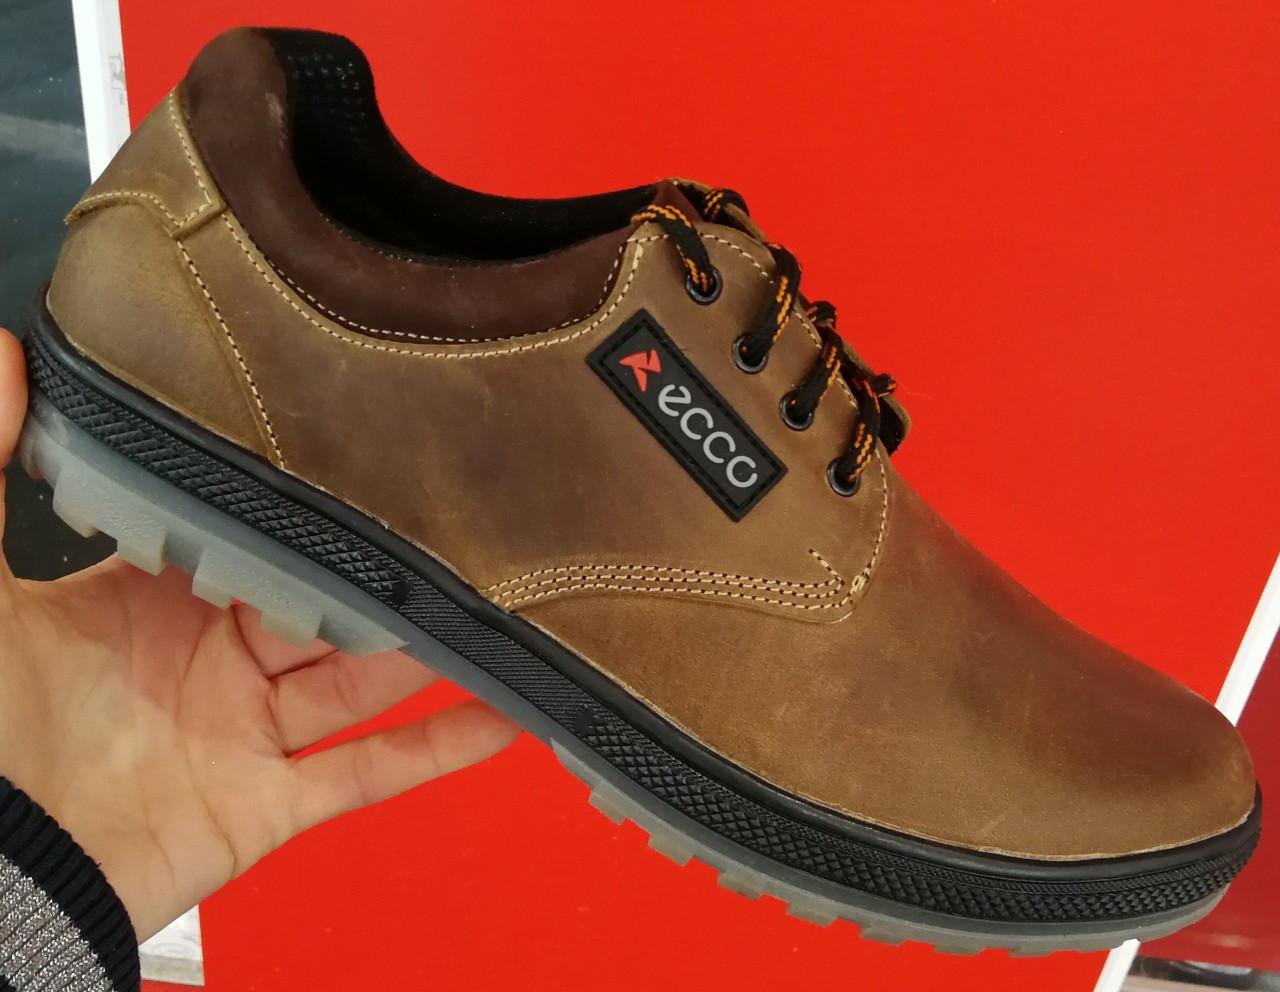 73d403bab6047b ECCO кожаные туфли осень из натуральной кожи ботинки обувь реплика -  LIMODA.COM.UA